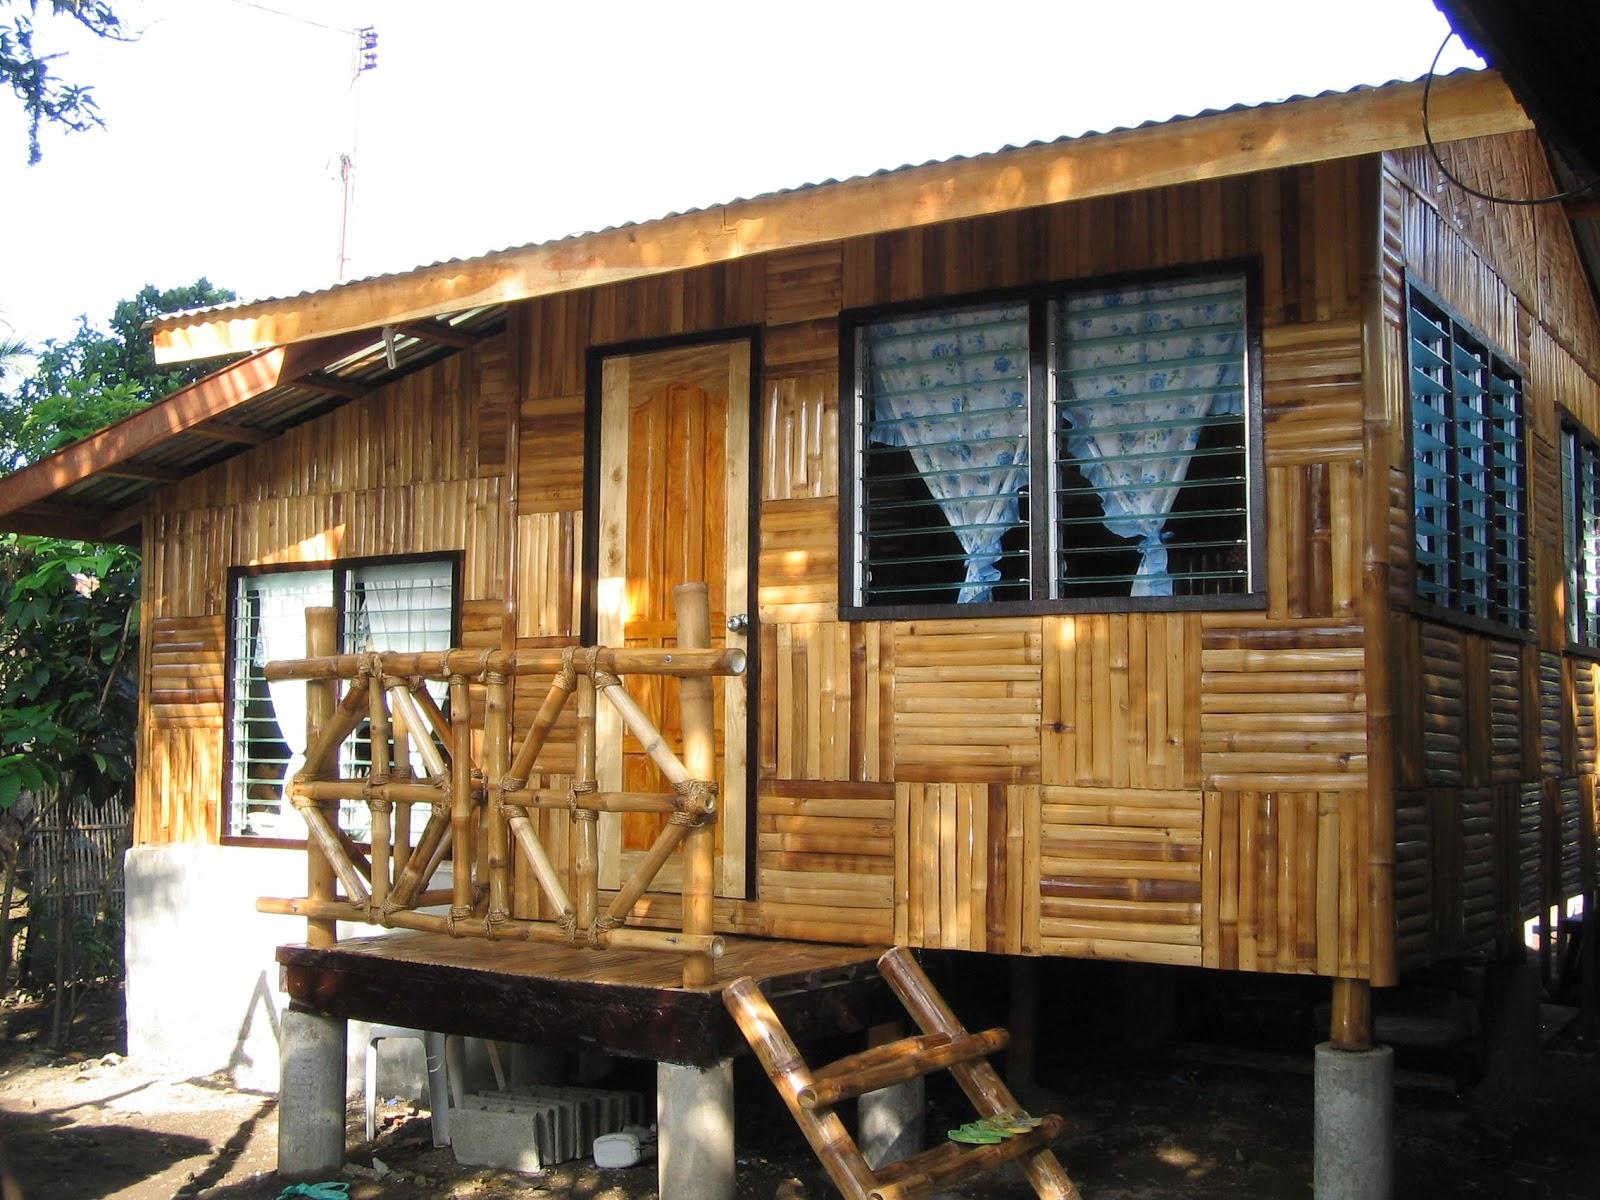 Desain Rumah Bambu Sederhana